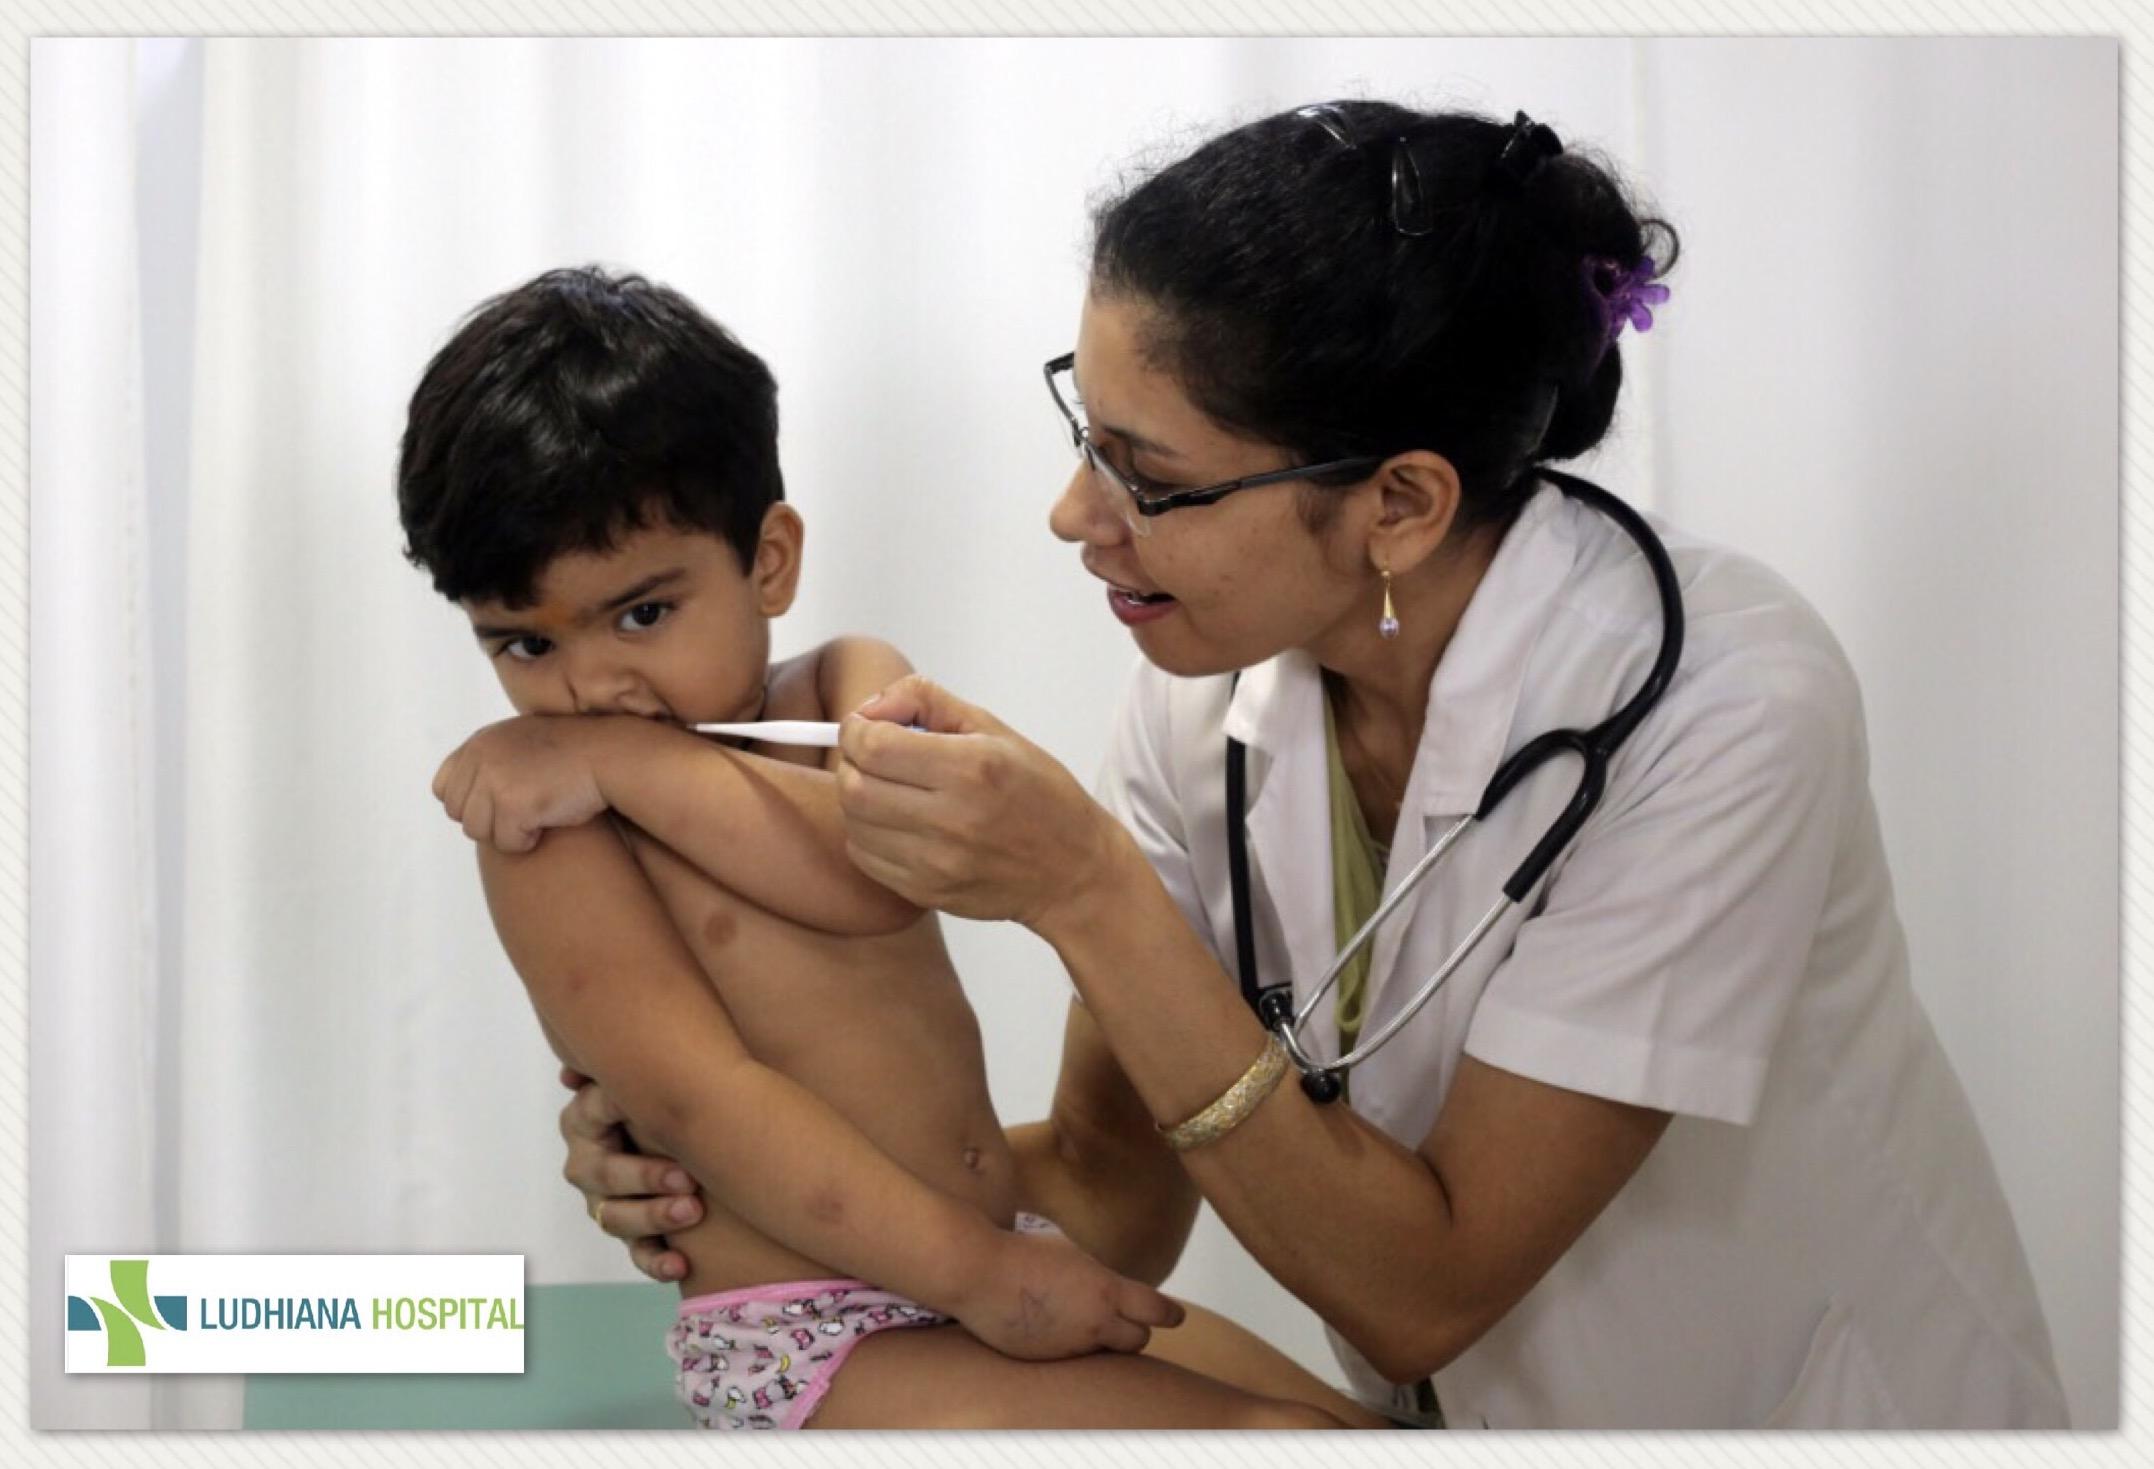 Baby friendly - Ludhiana Hospital